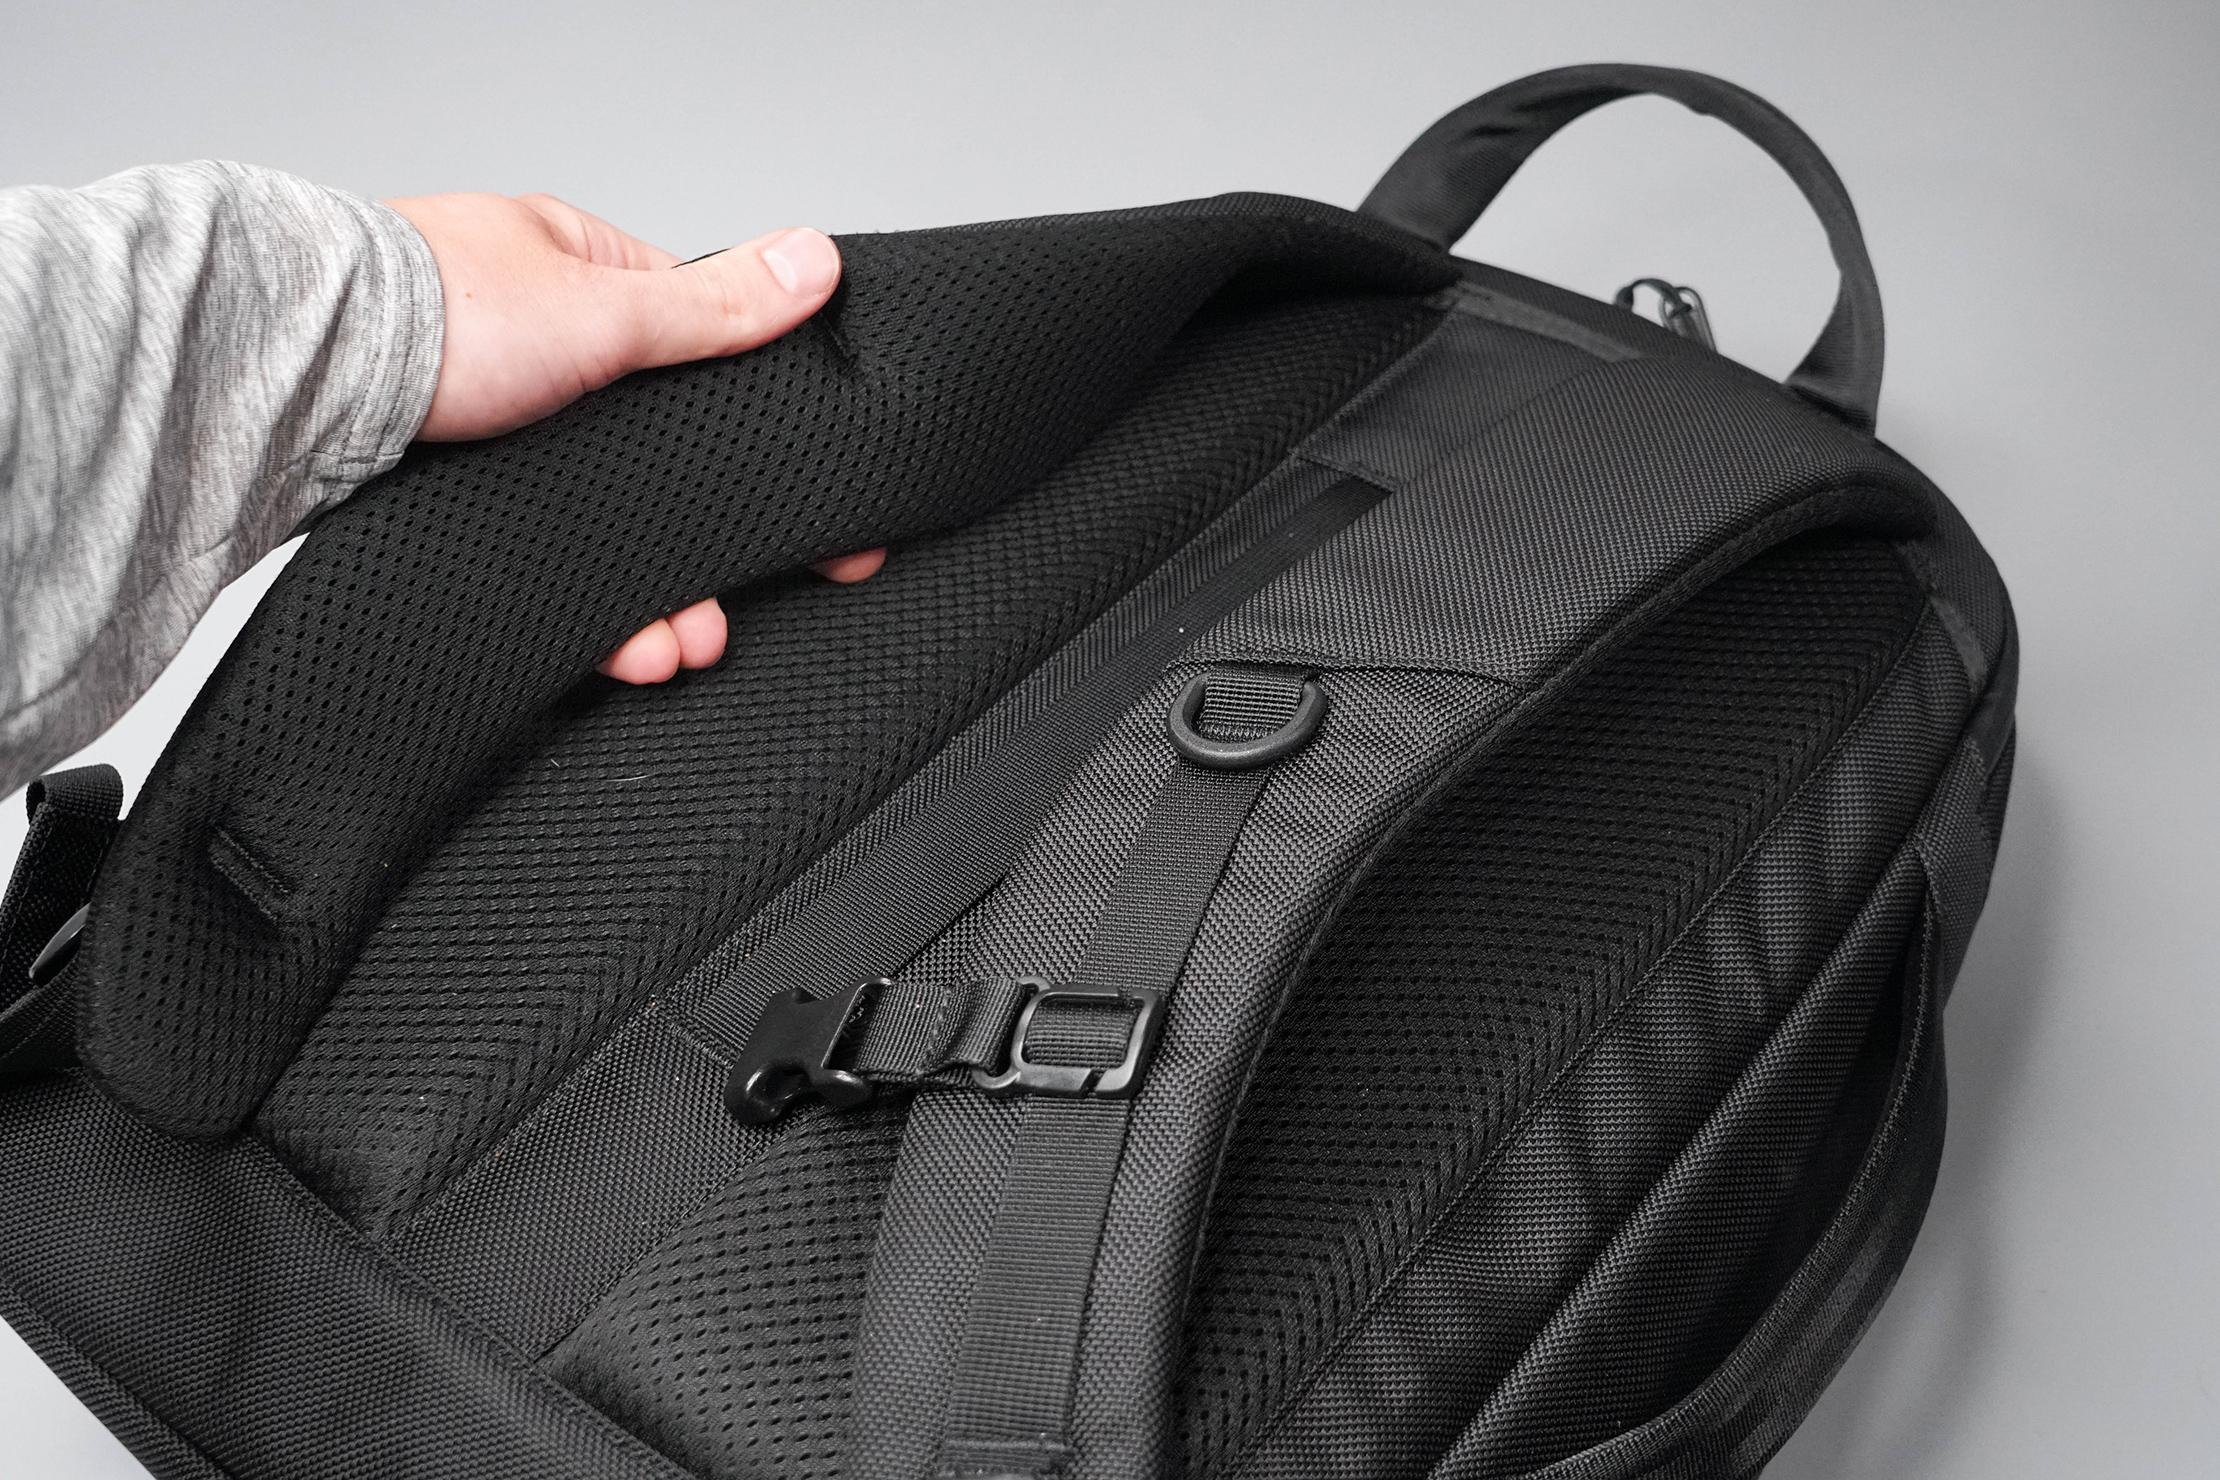 Aer Tech Pack 2 Shoulder Straps